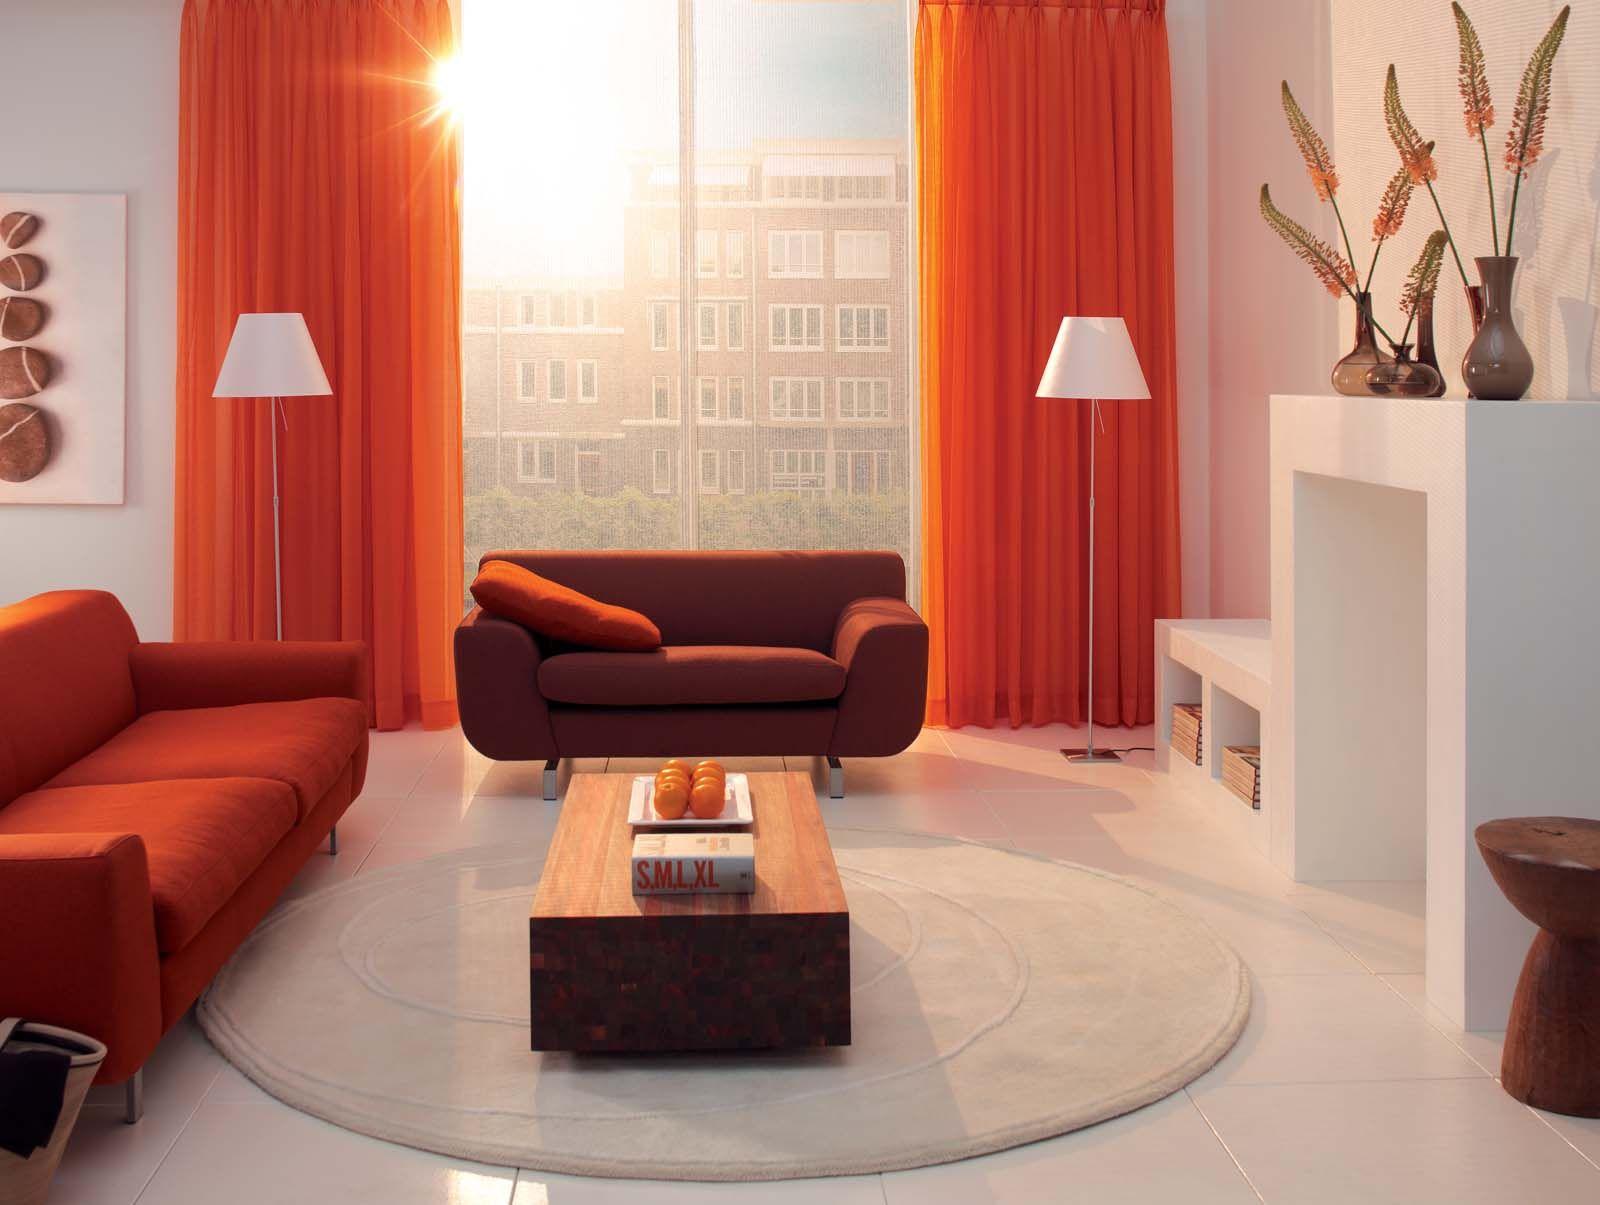 Gardisette - Oranje, grijs, bruin en wit...mooie combinatie | @home ...